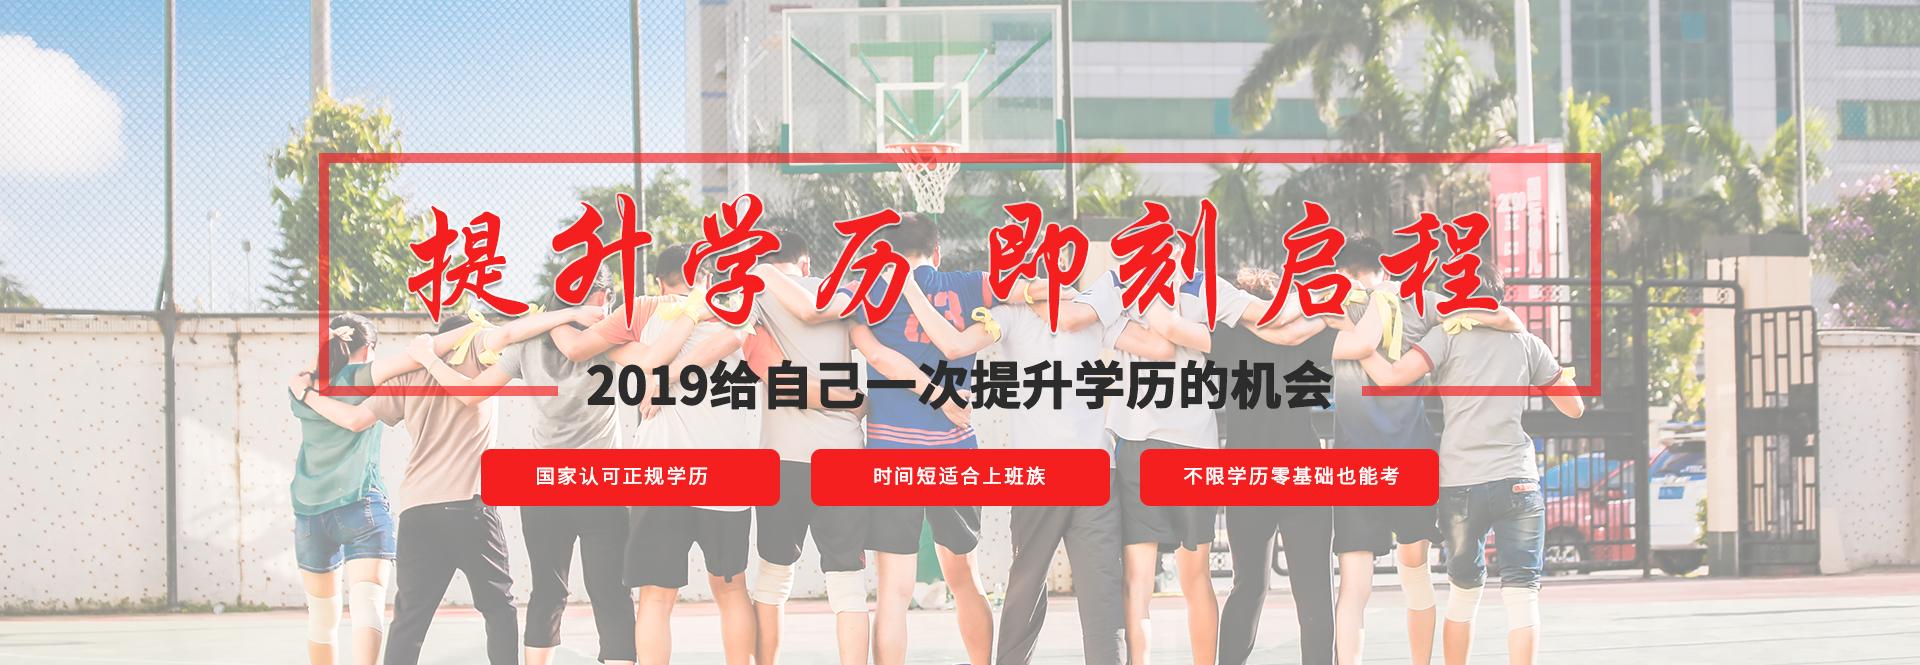 宁波成人教育